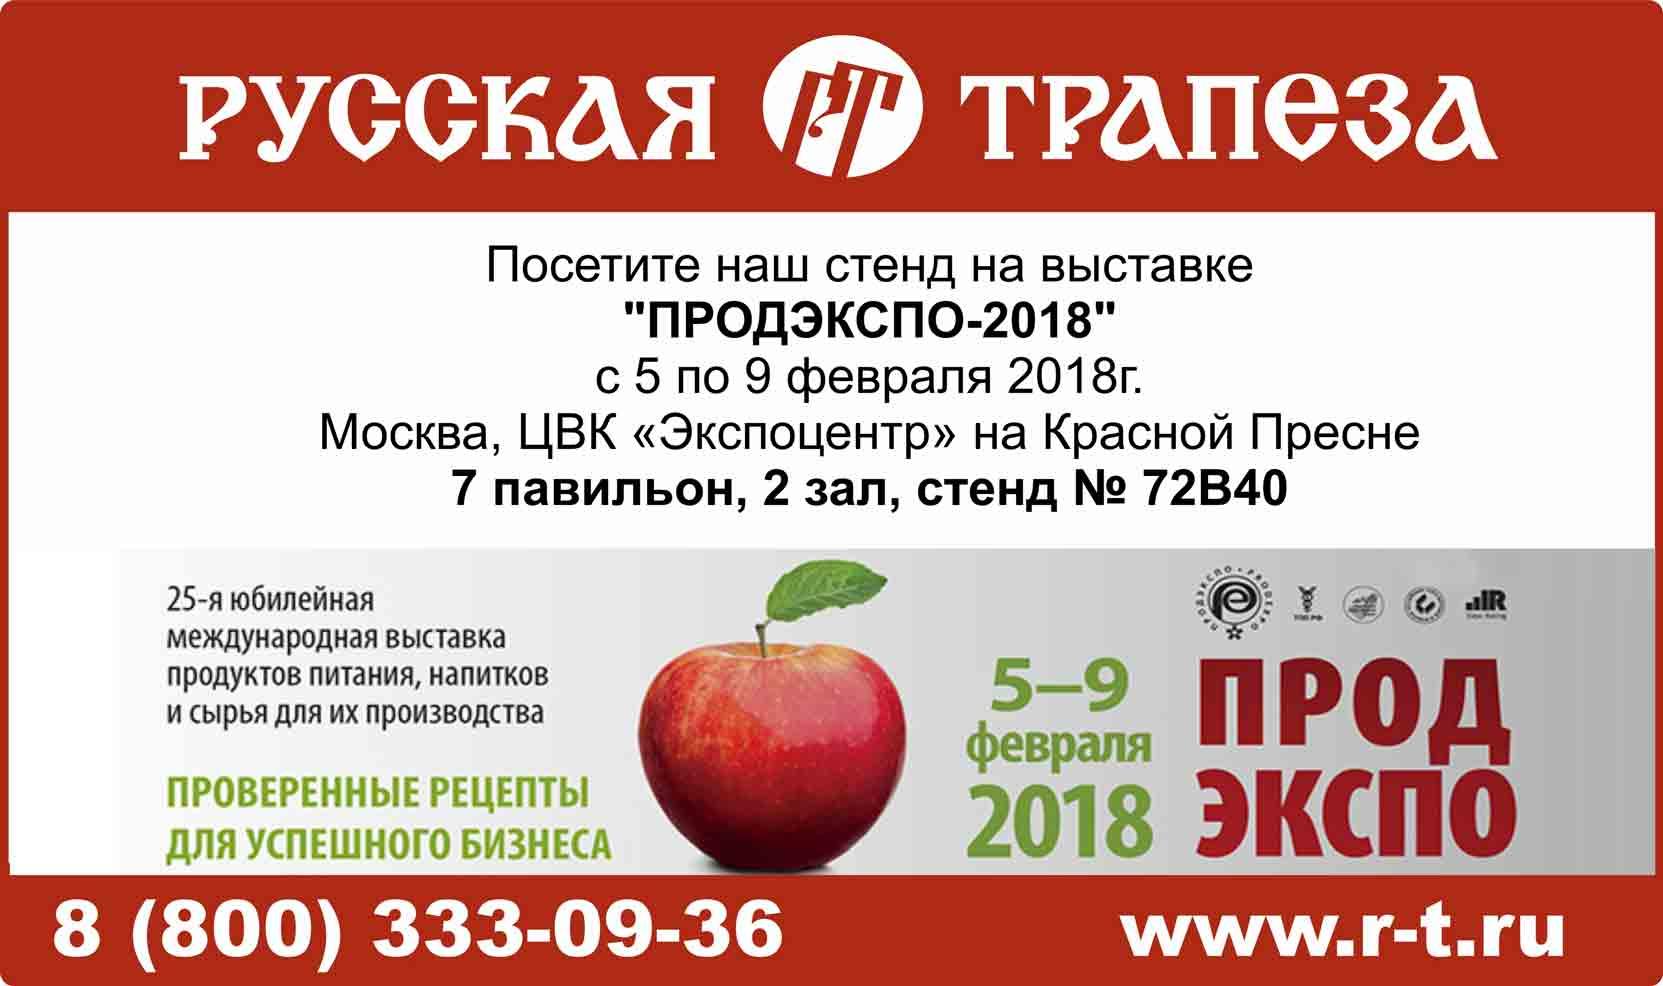 Приглашаем на выставку пищевого оборудования